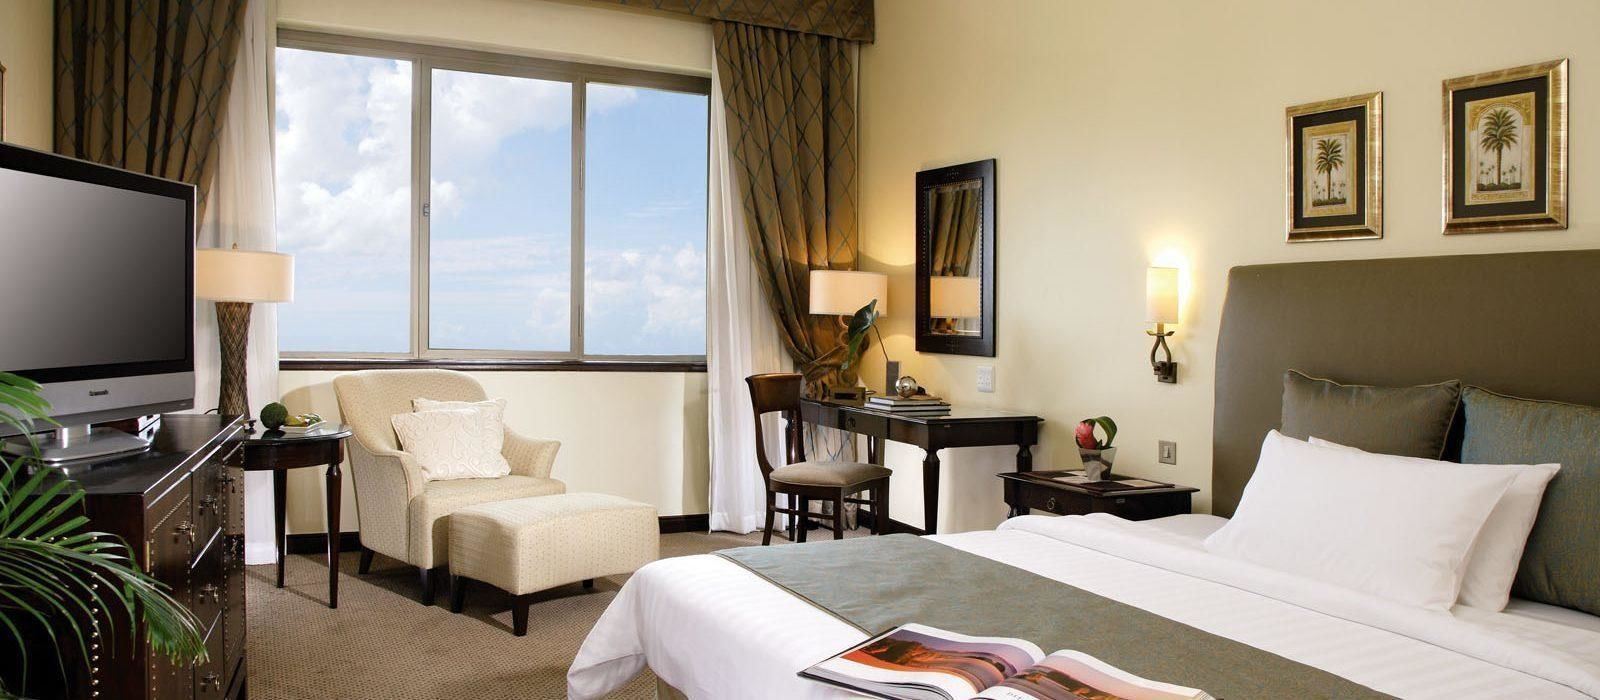 Dar Es Salaam Serena Hotel In Tanzania ENCHANTING TRAVELS